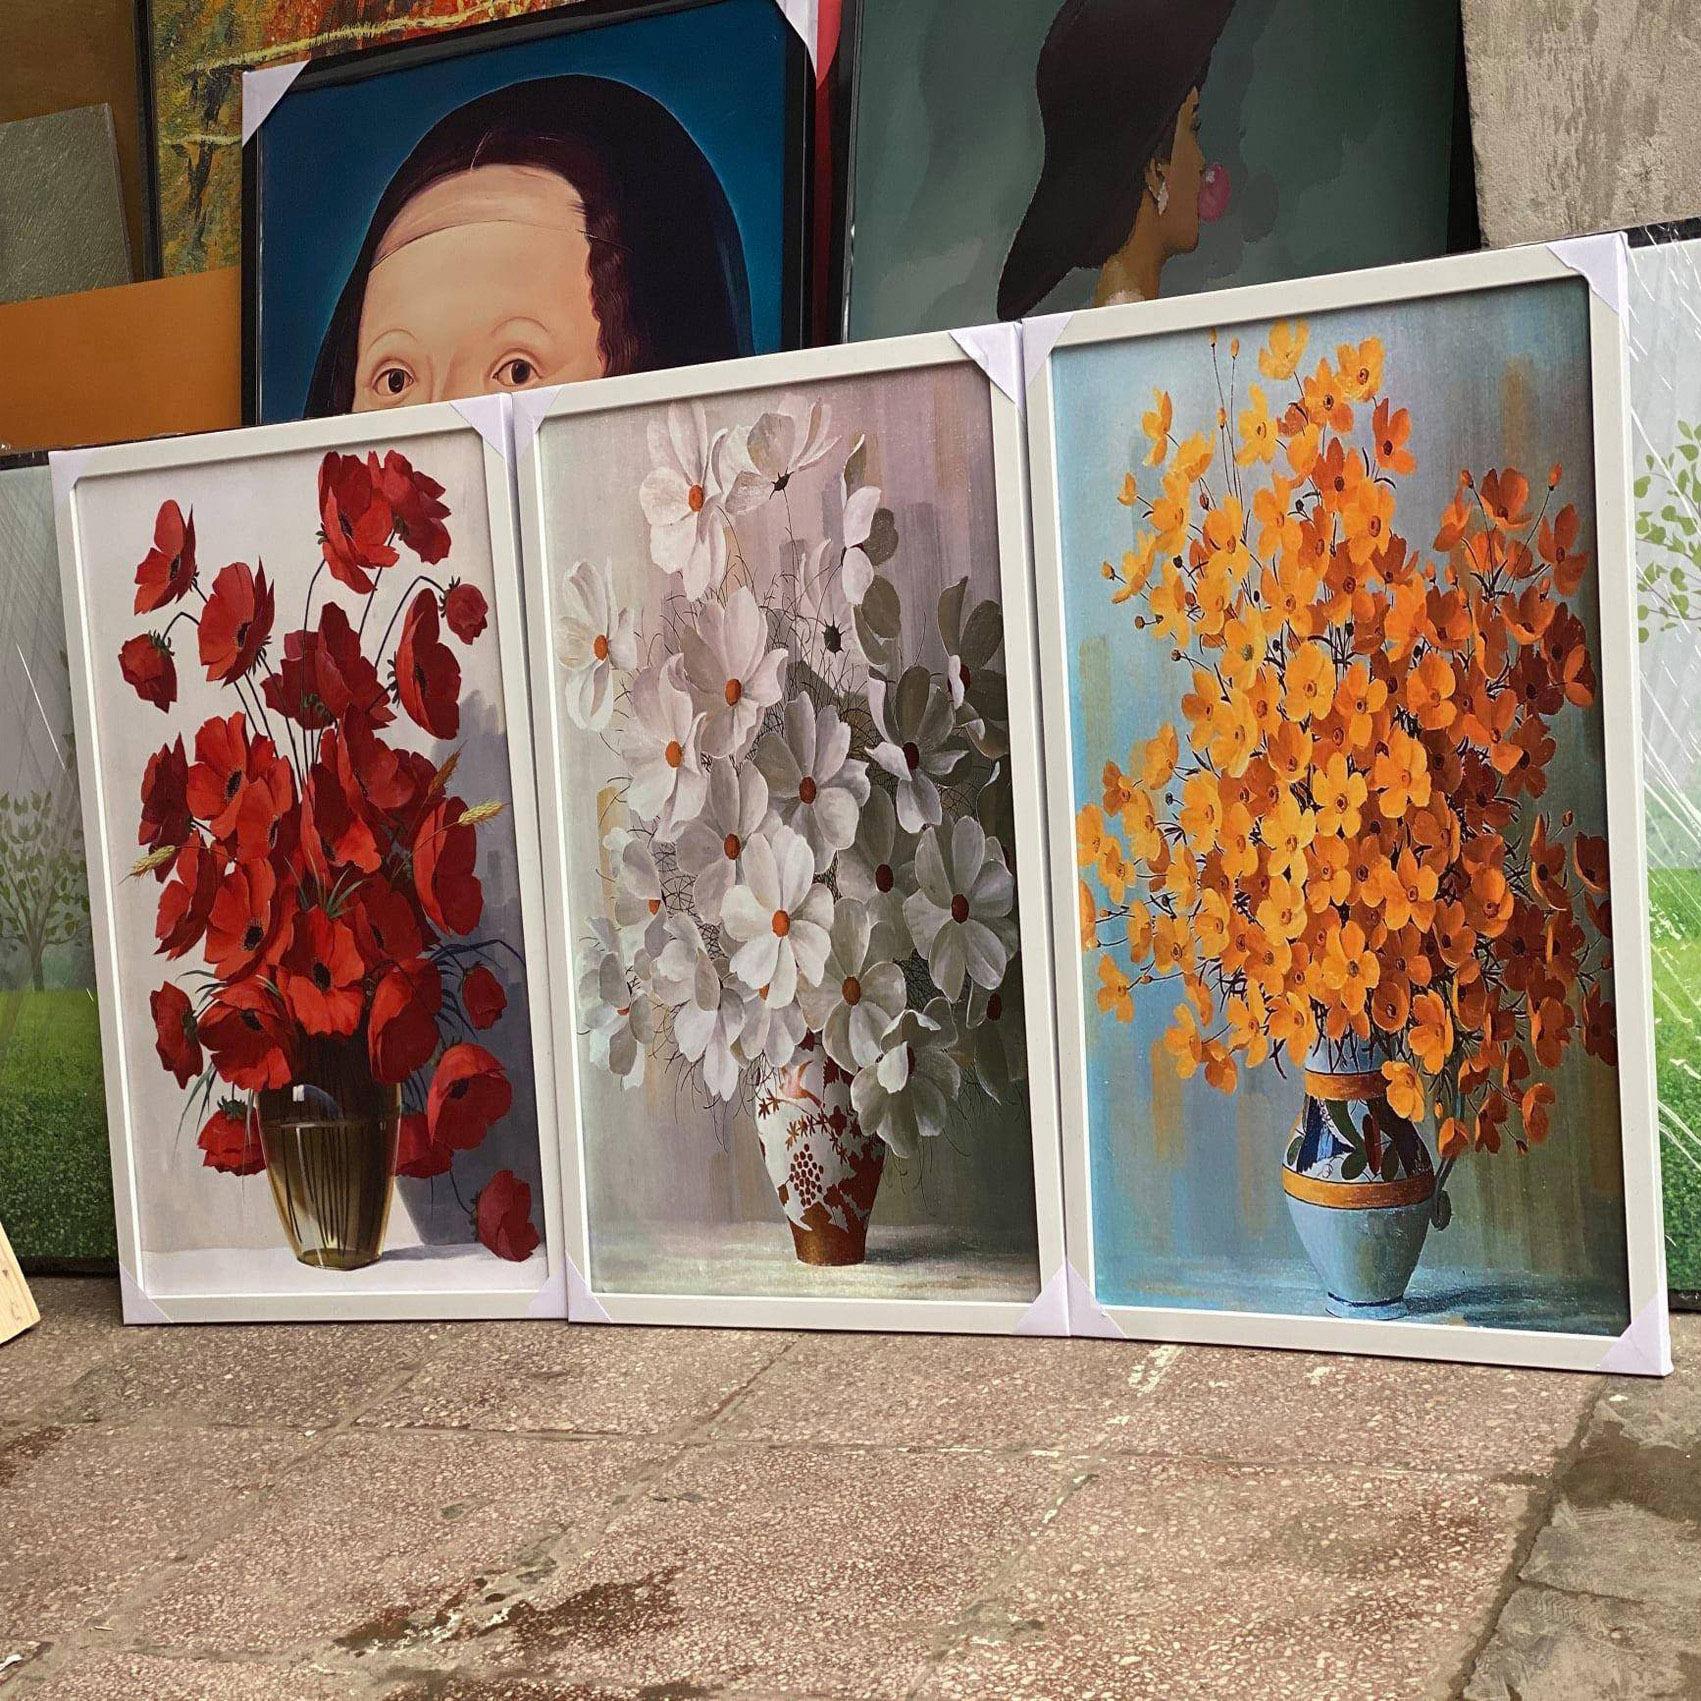 Tranh Canvas Treo Tường Hiện Đại _ Tranh Bộ 3 Phong Cảnh Đồng Quê _ PC12